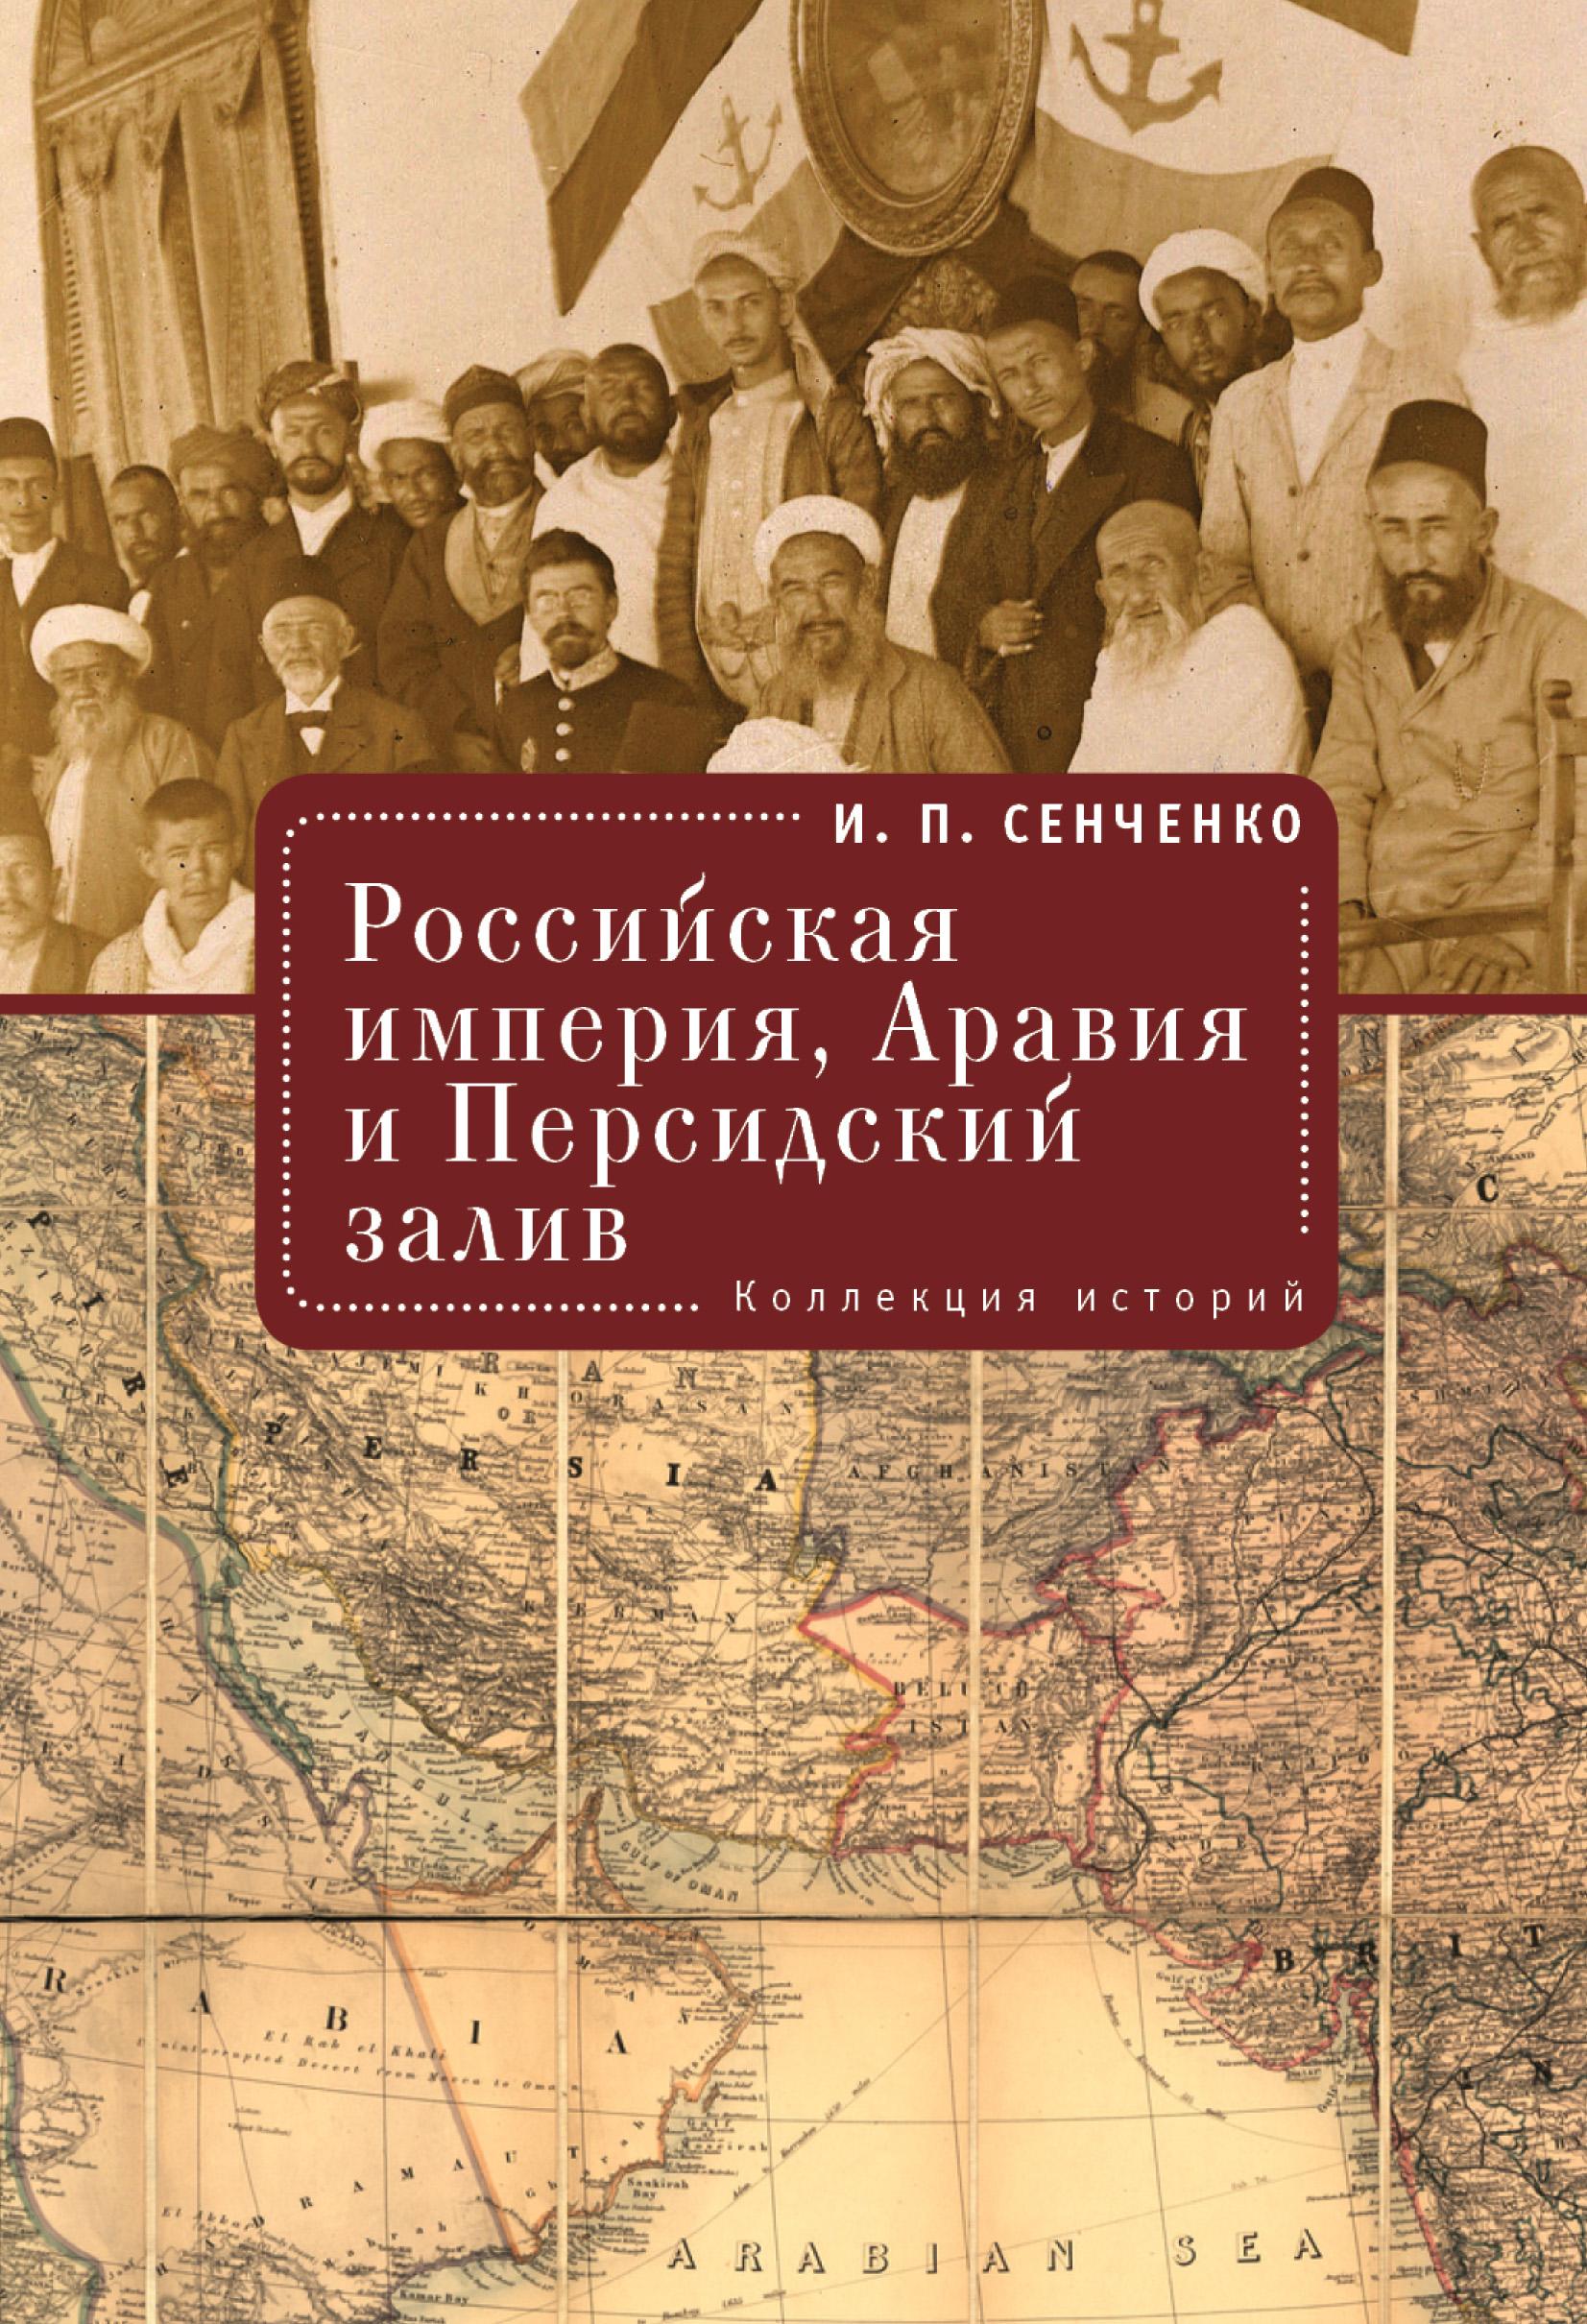 Российская империя, Аравия и Персидский залив. Коллекция историй